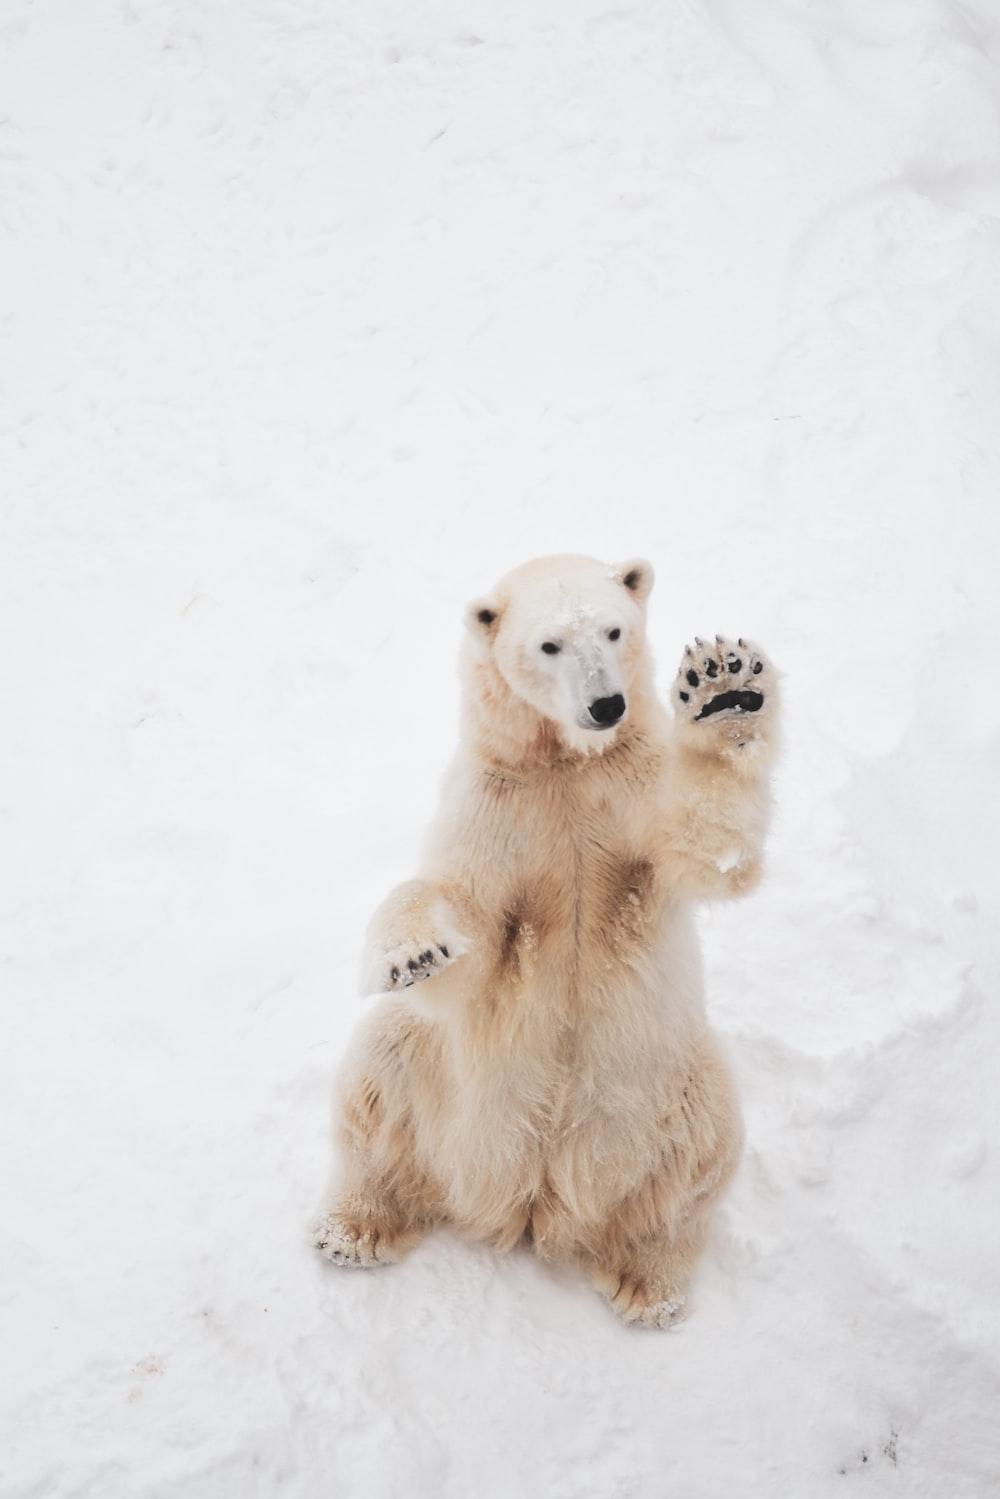 brown bear on snowfield